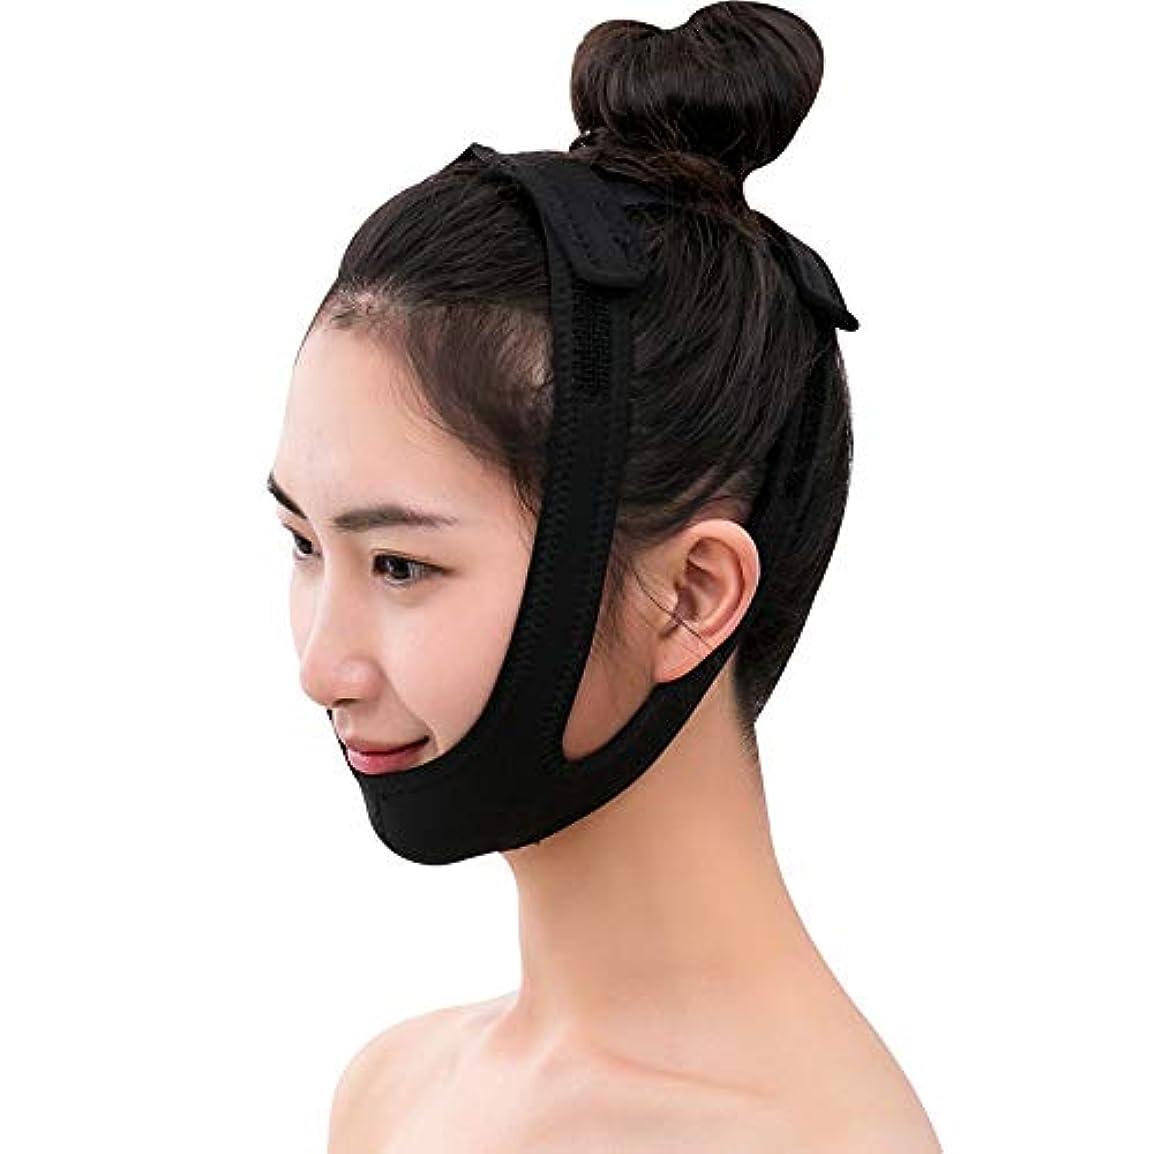 ジェム分類ベーリング海峡フェイスリフティング包帯、Vフェイス睡眠フェイスマスク、整形と持ち上げ、ダブルチンストラップ